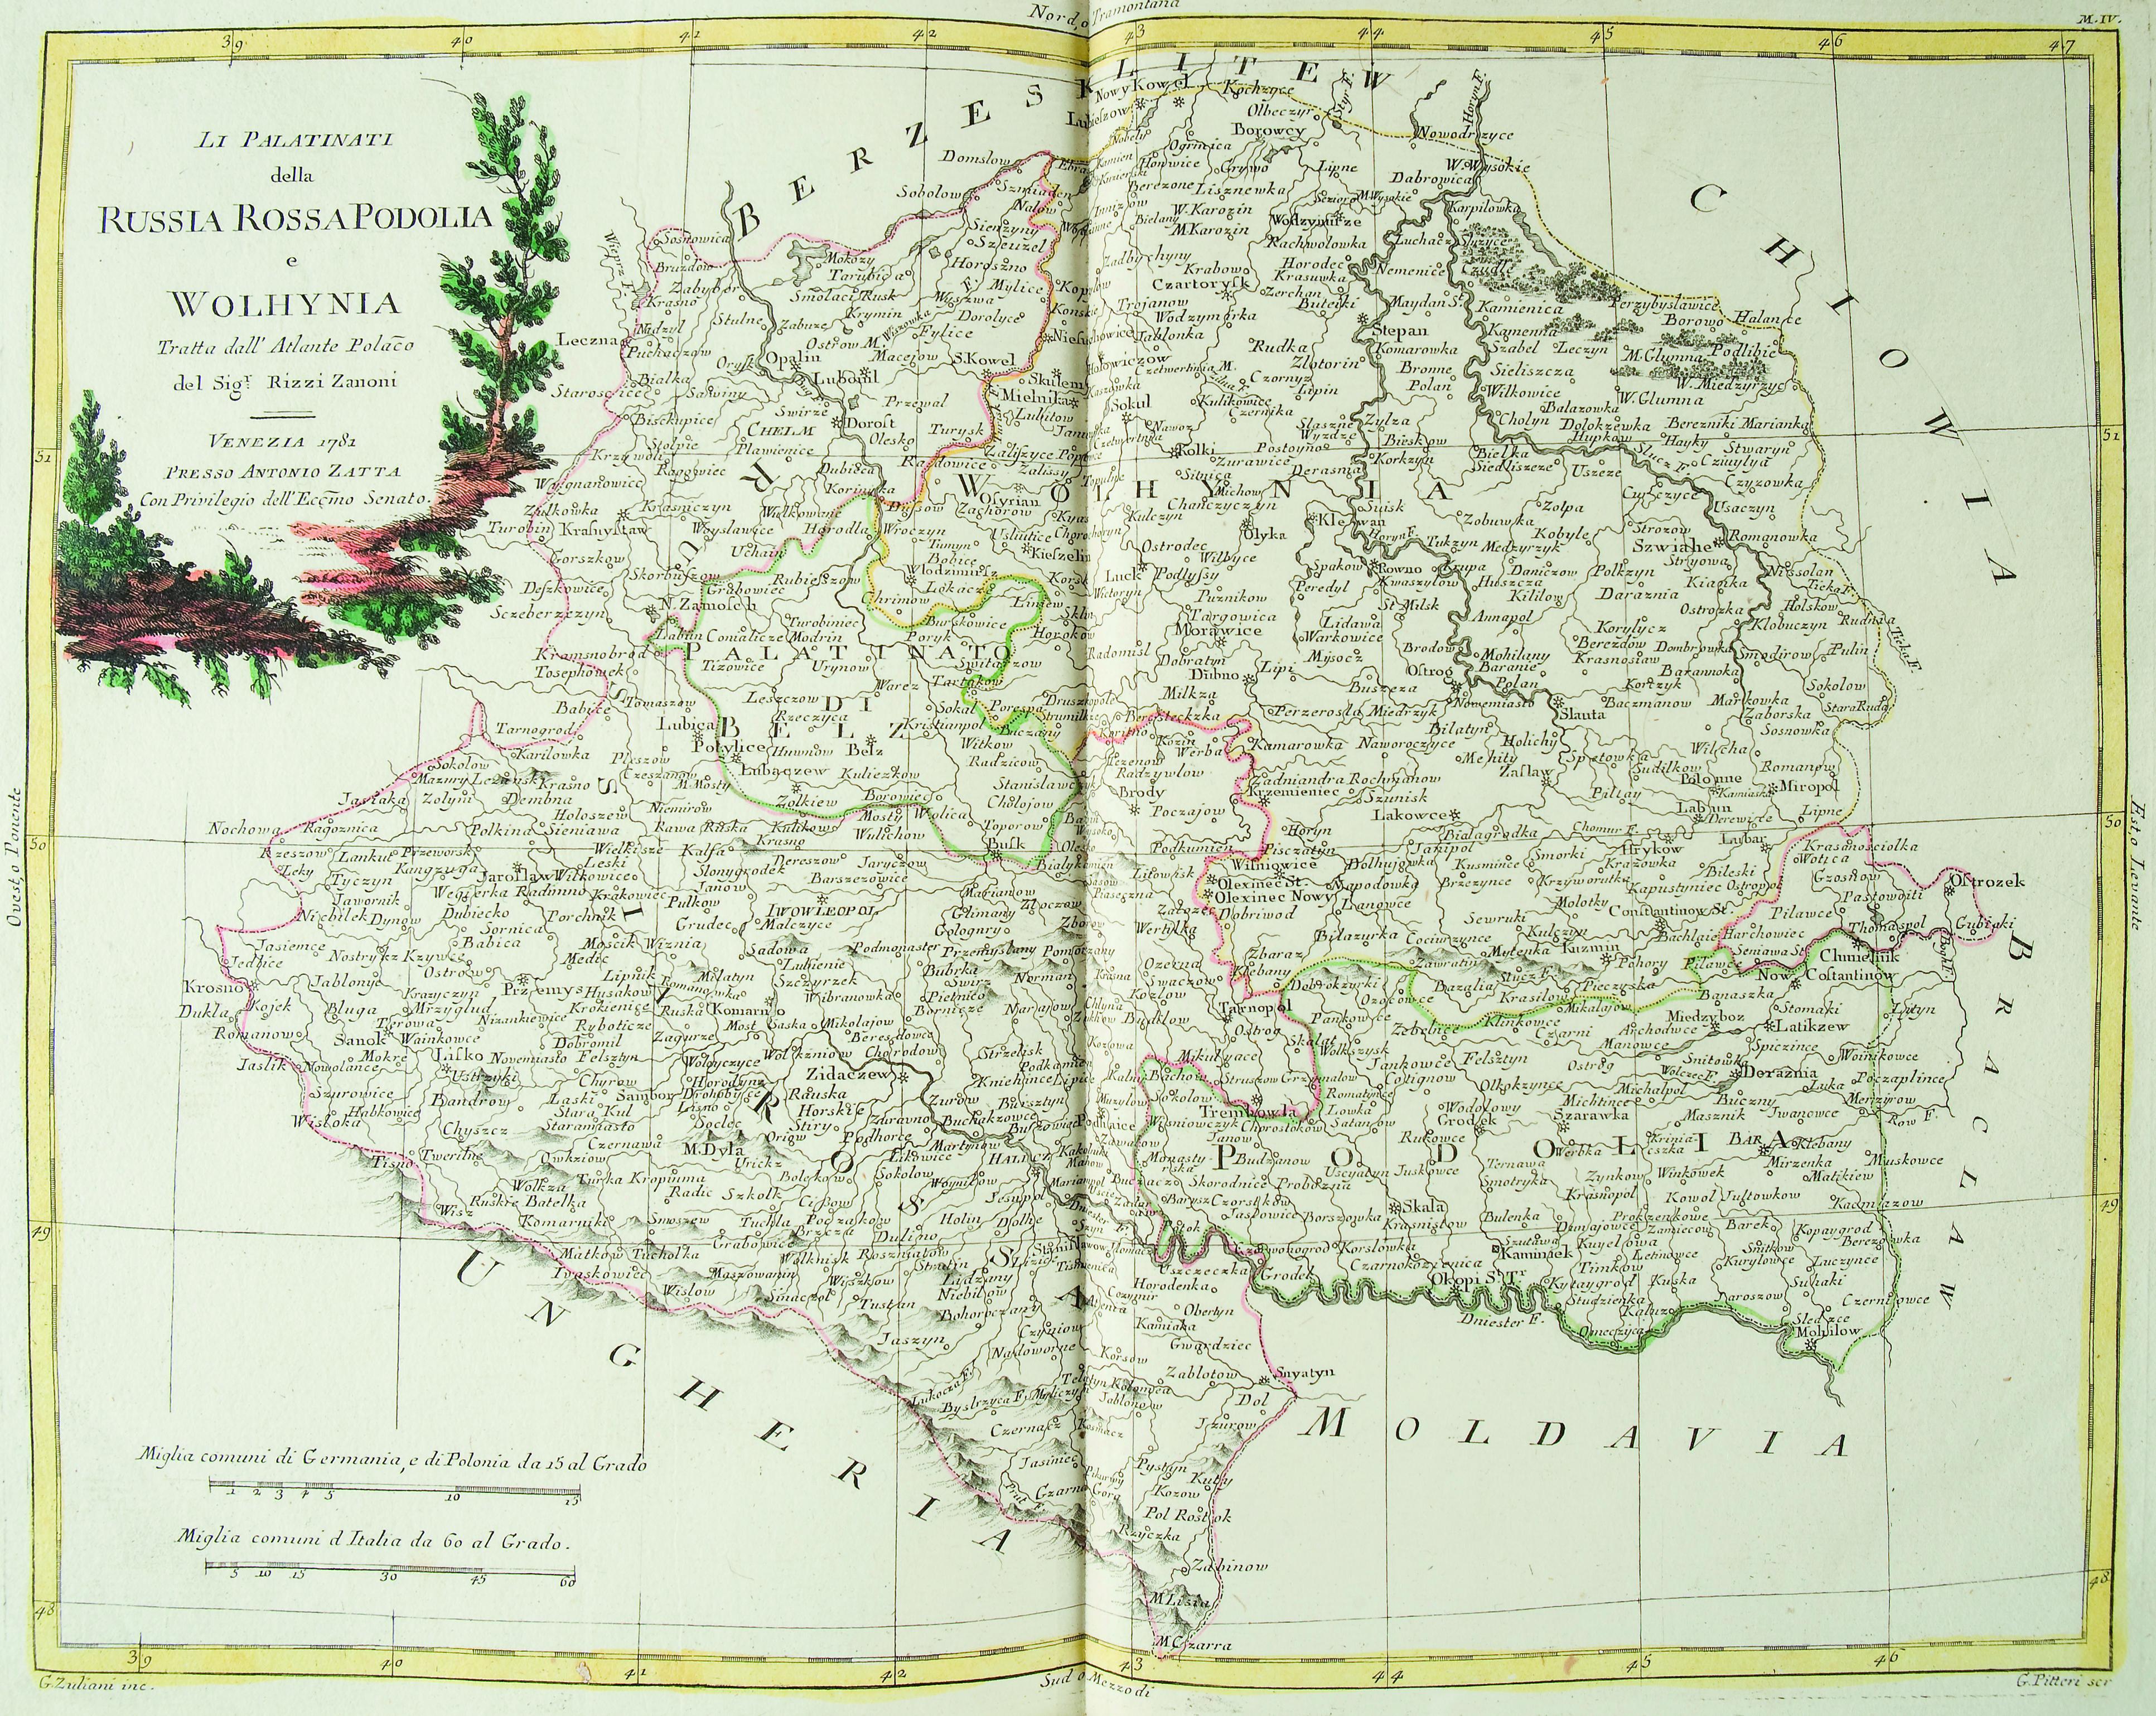 Atlante Novissimo illustrato ed accresciuto sulle Osservazioni, e Scoperte fatte dai più recenti Geografi